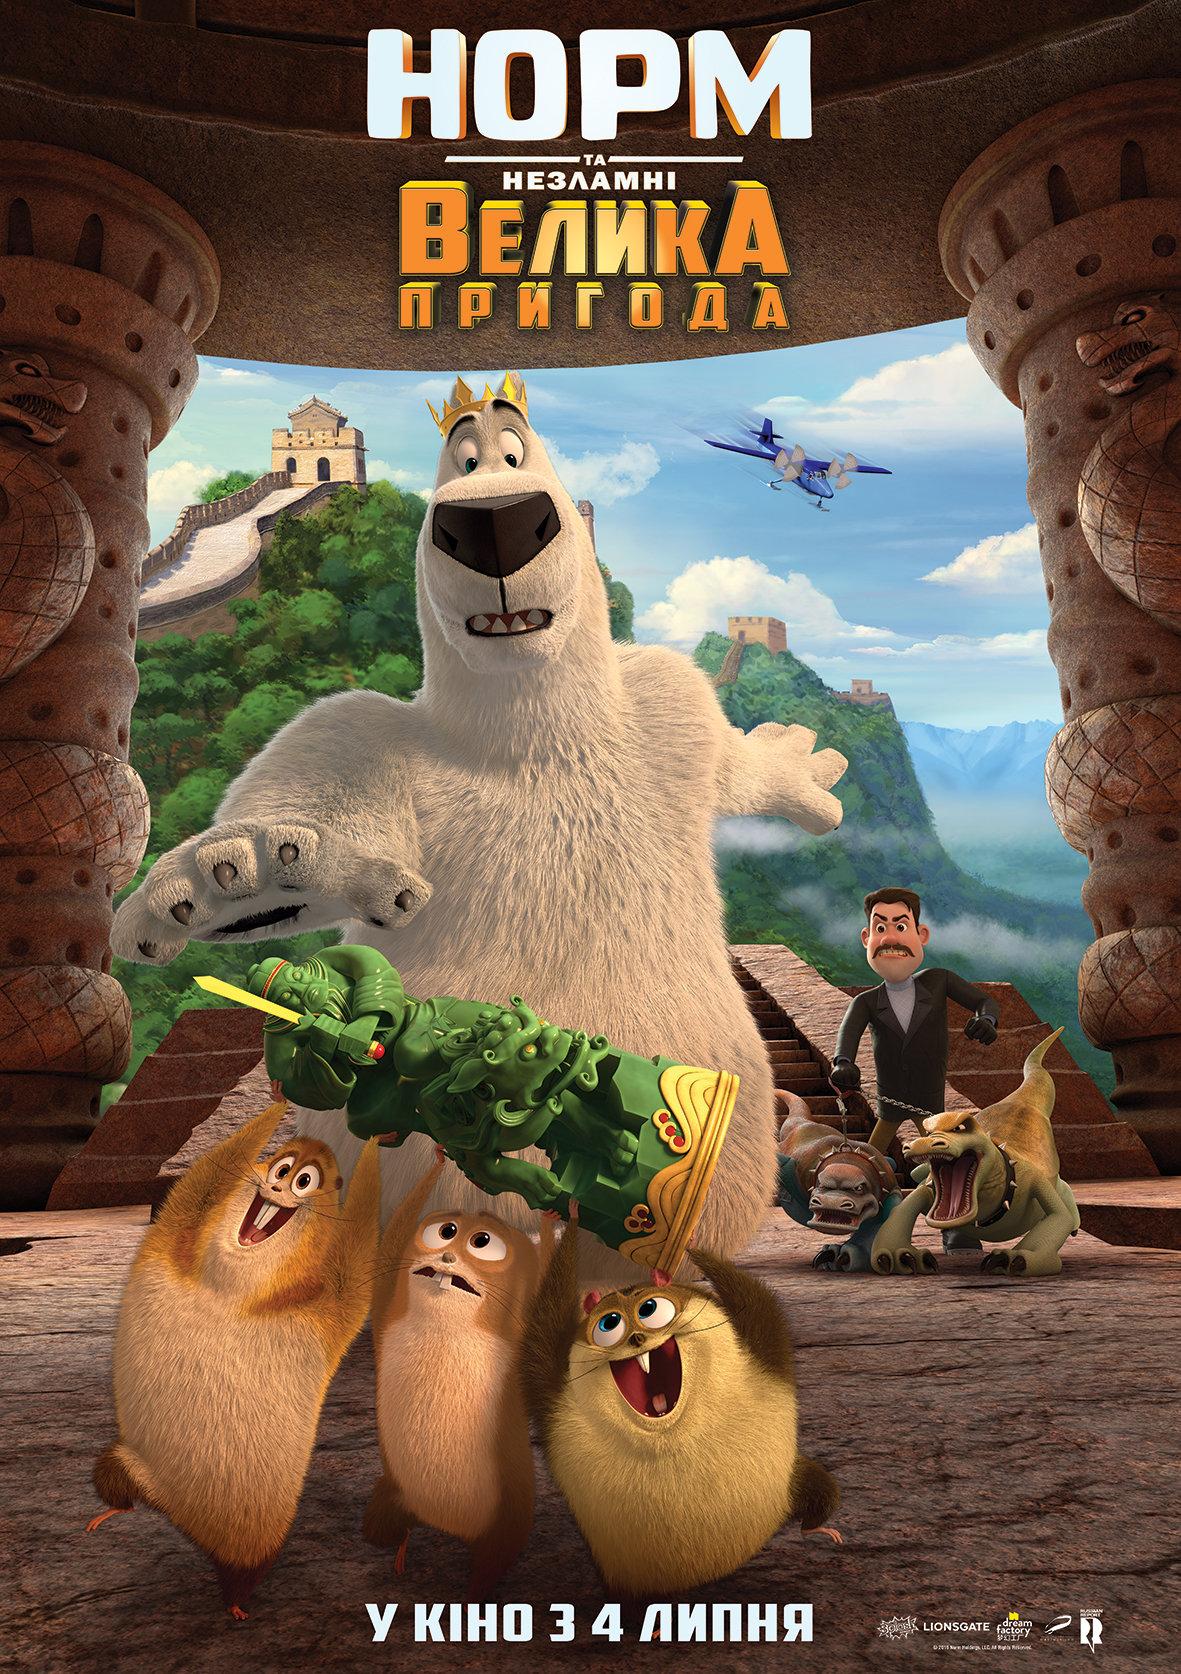 Какие фильмы выйдут завтра в кинотеатрах Днепра, - ТРЕЙЛЕРЫ, фото-1